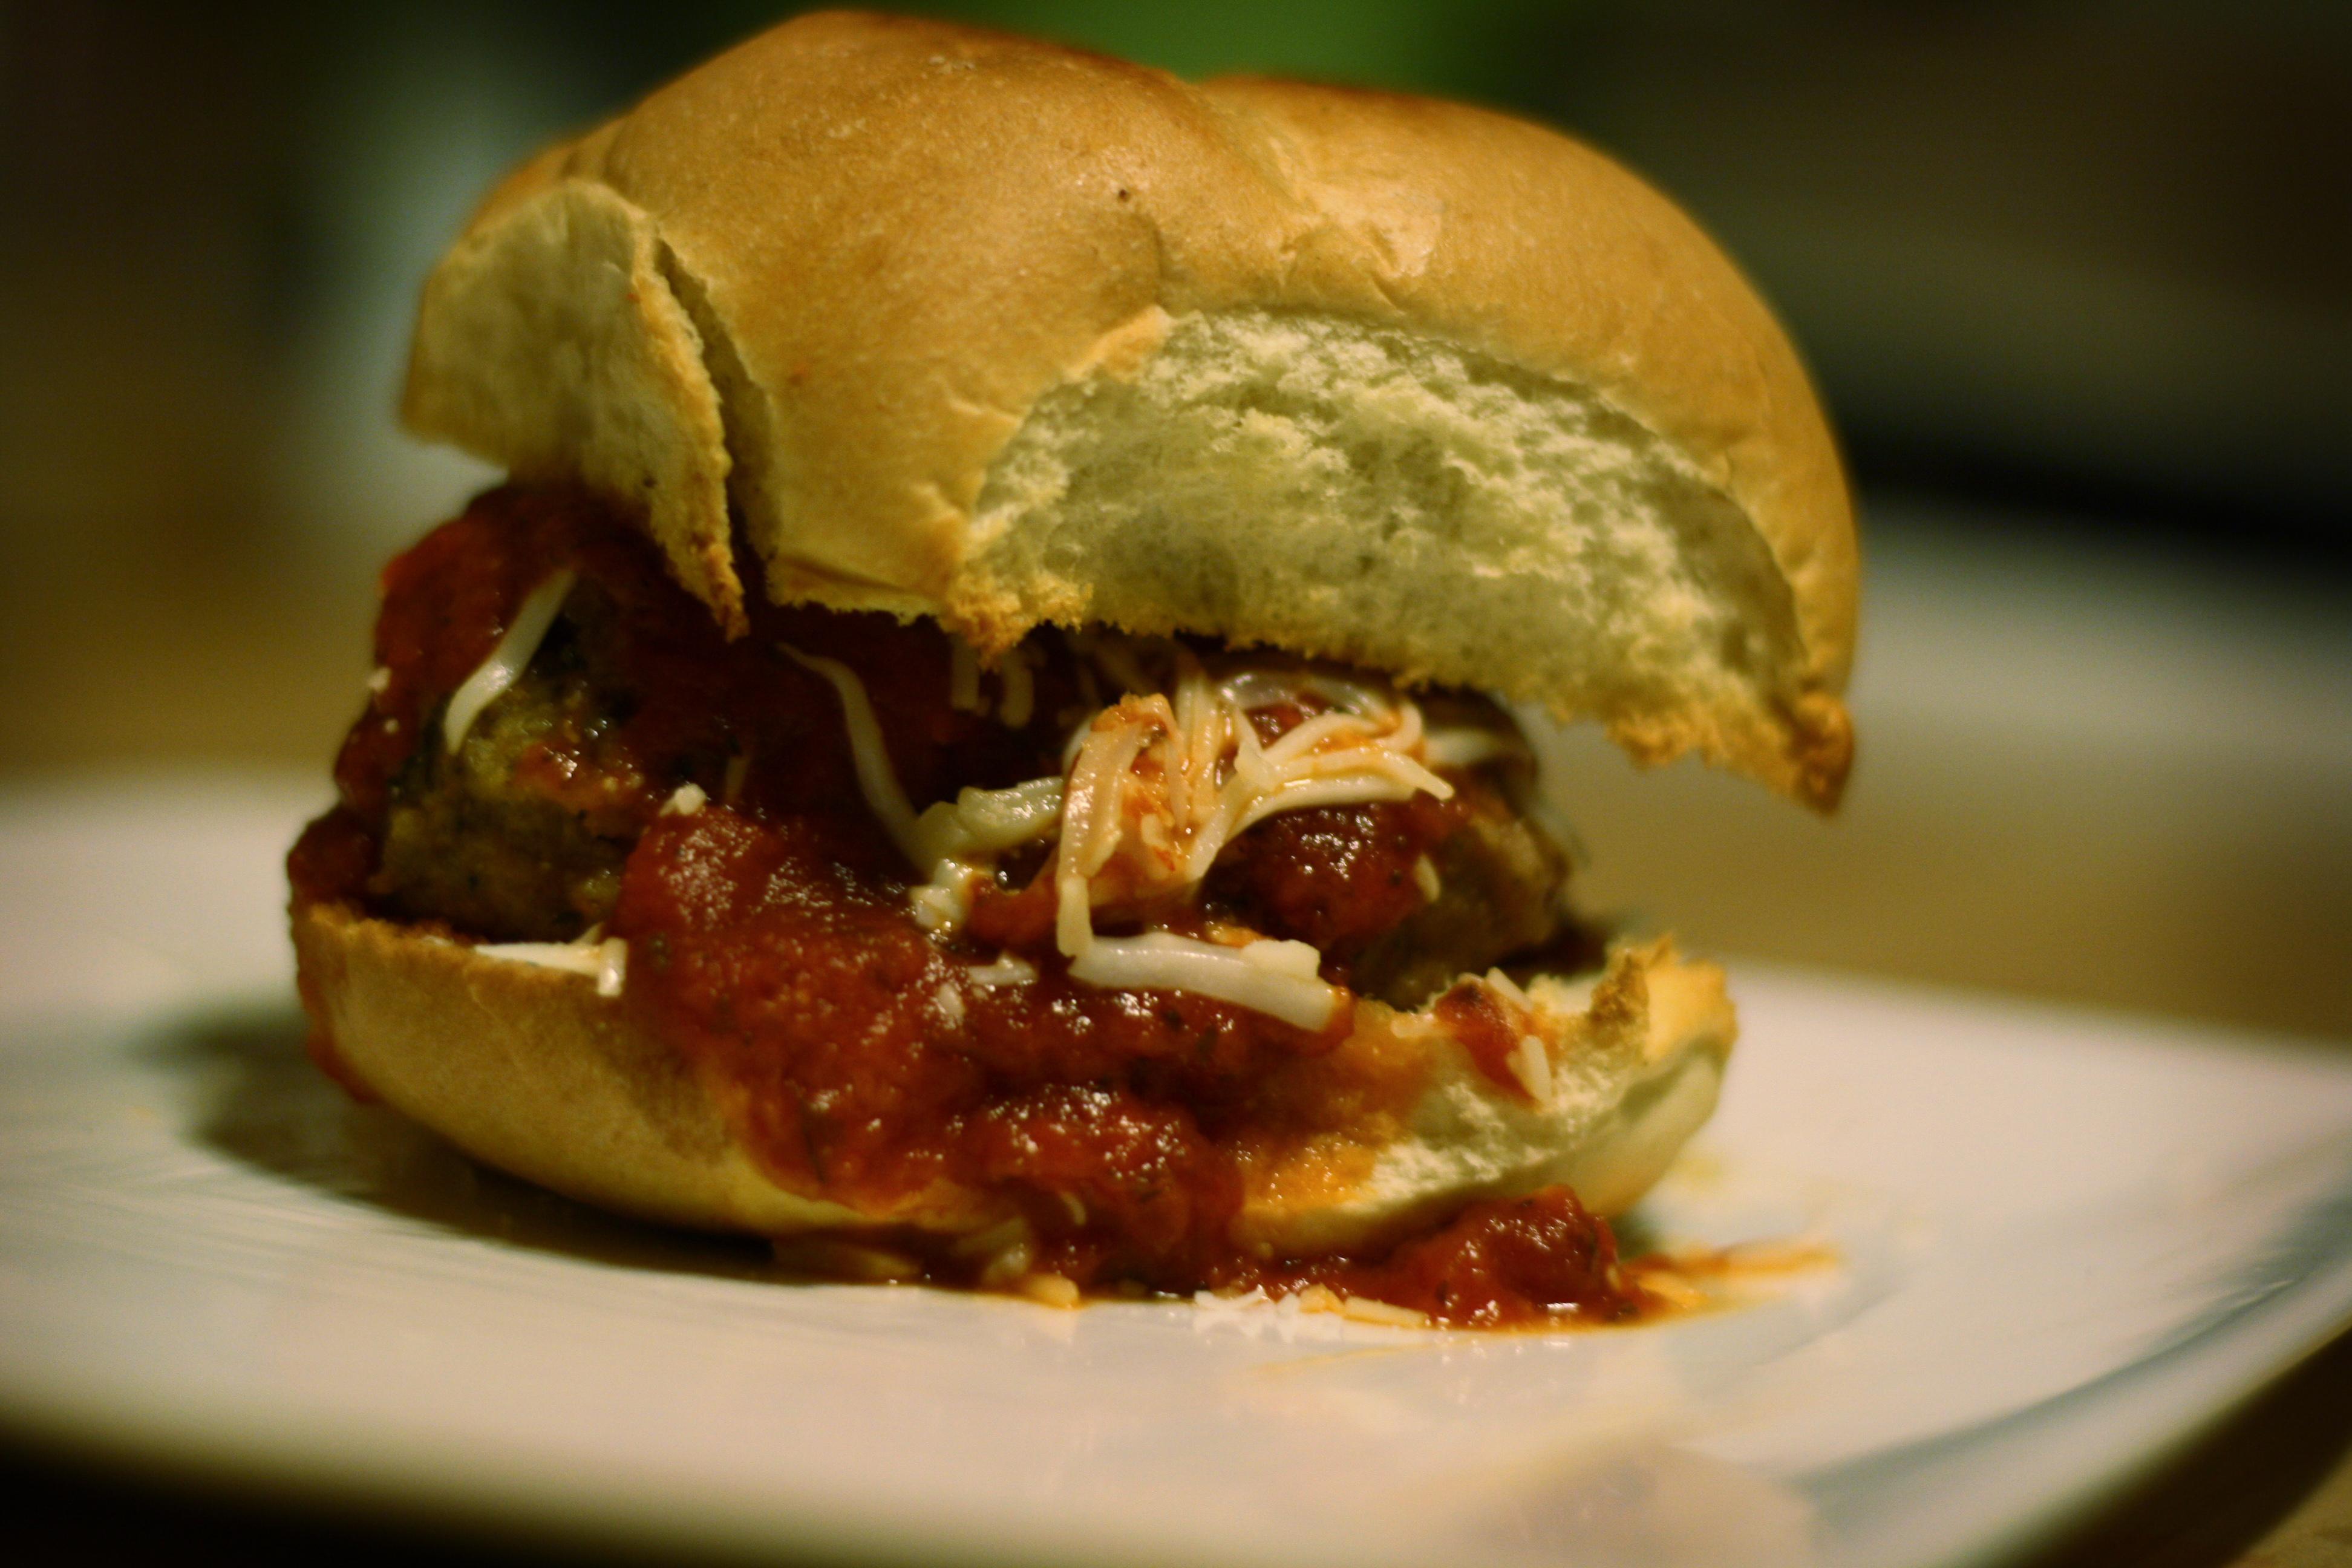 File:Meatball sandwich.jpg - Wikimedia Commons